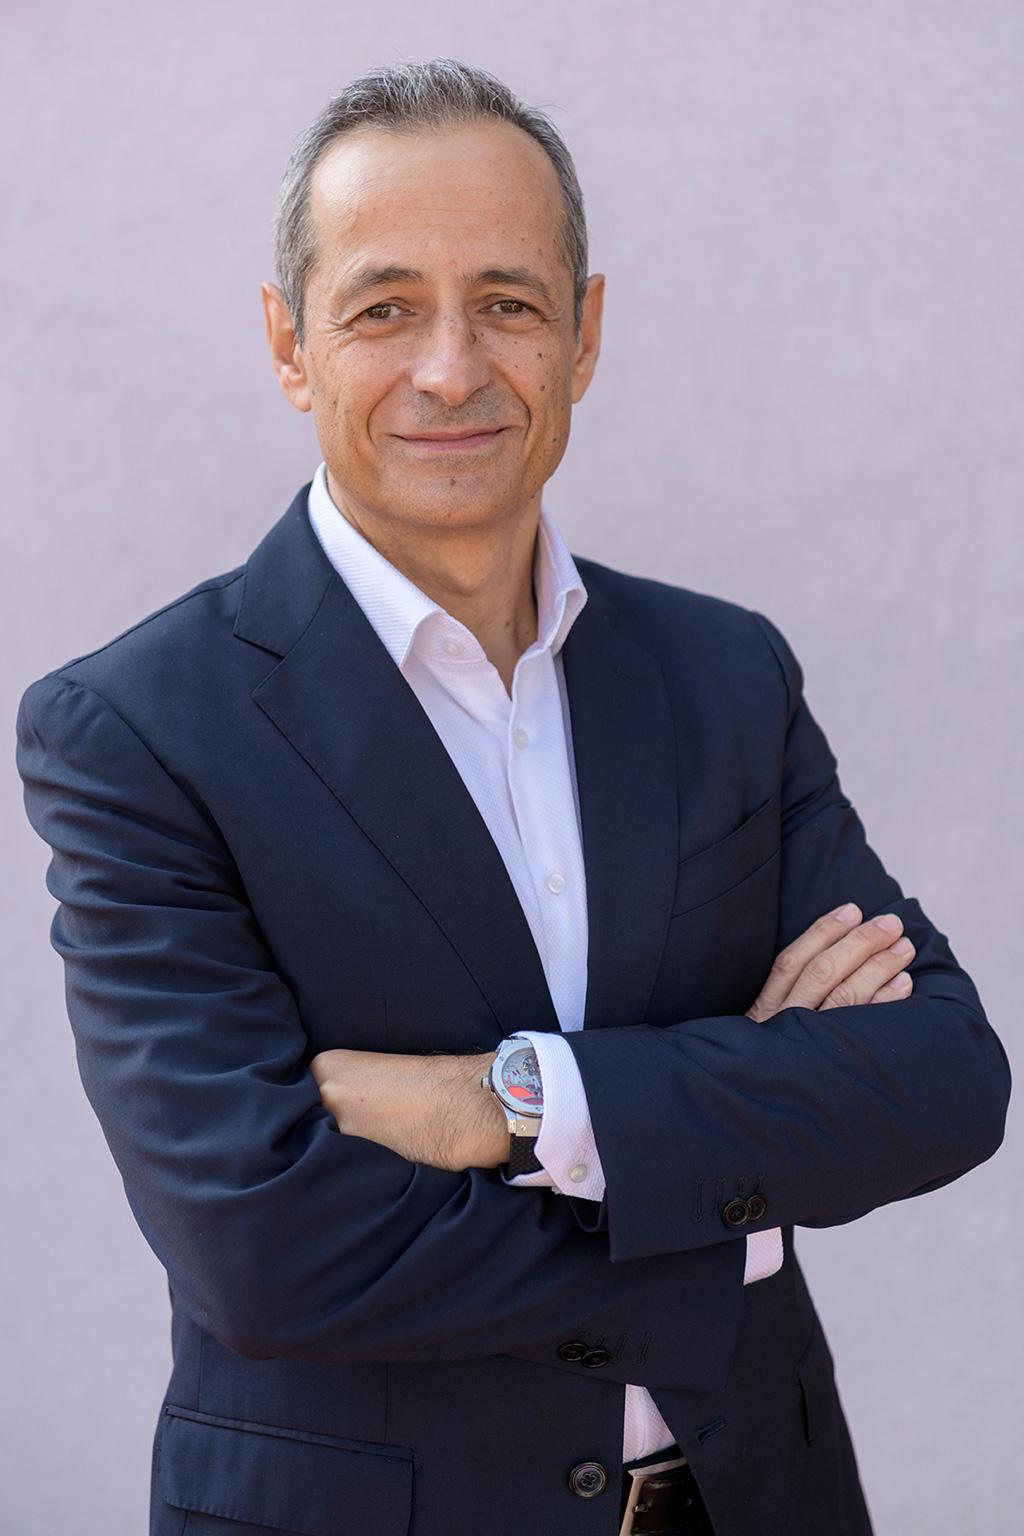 Jordi Valldosera